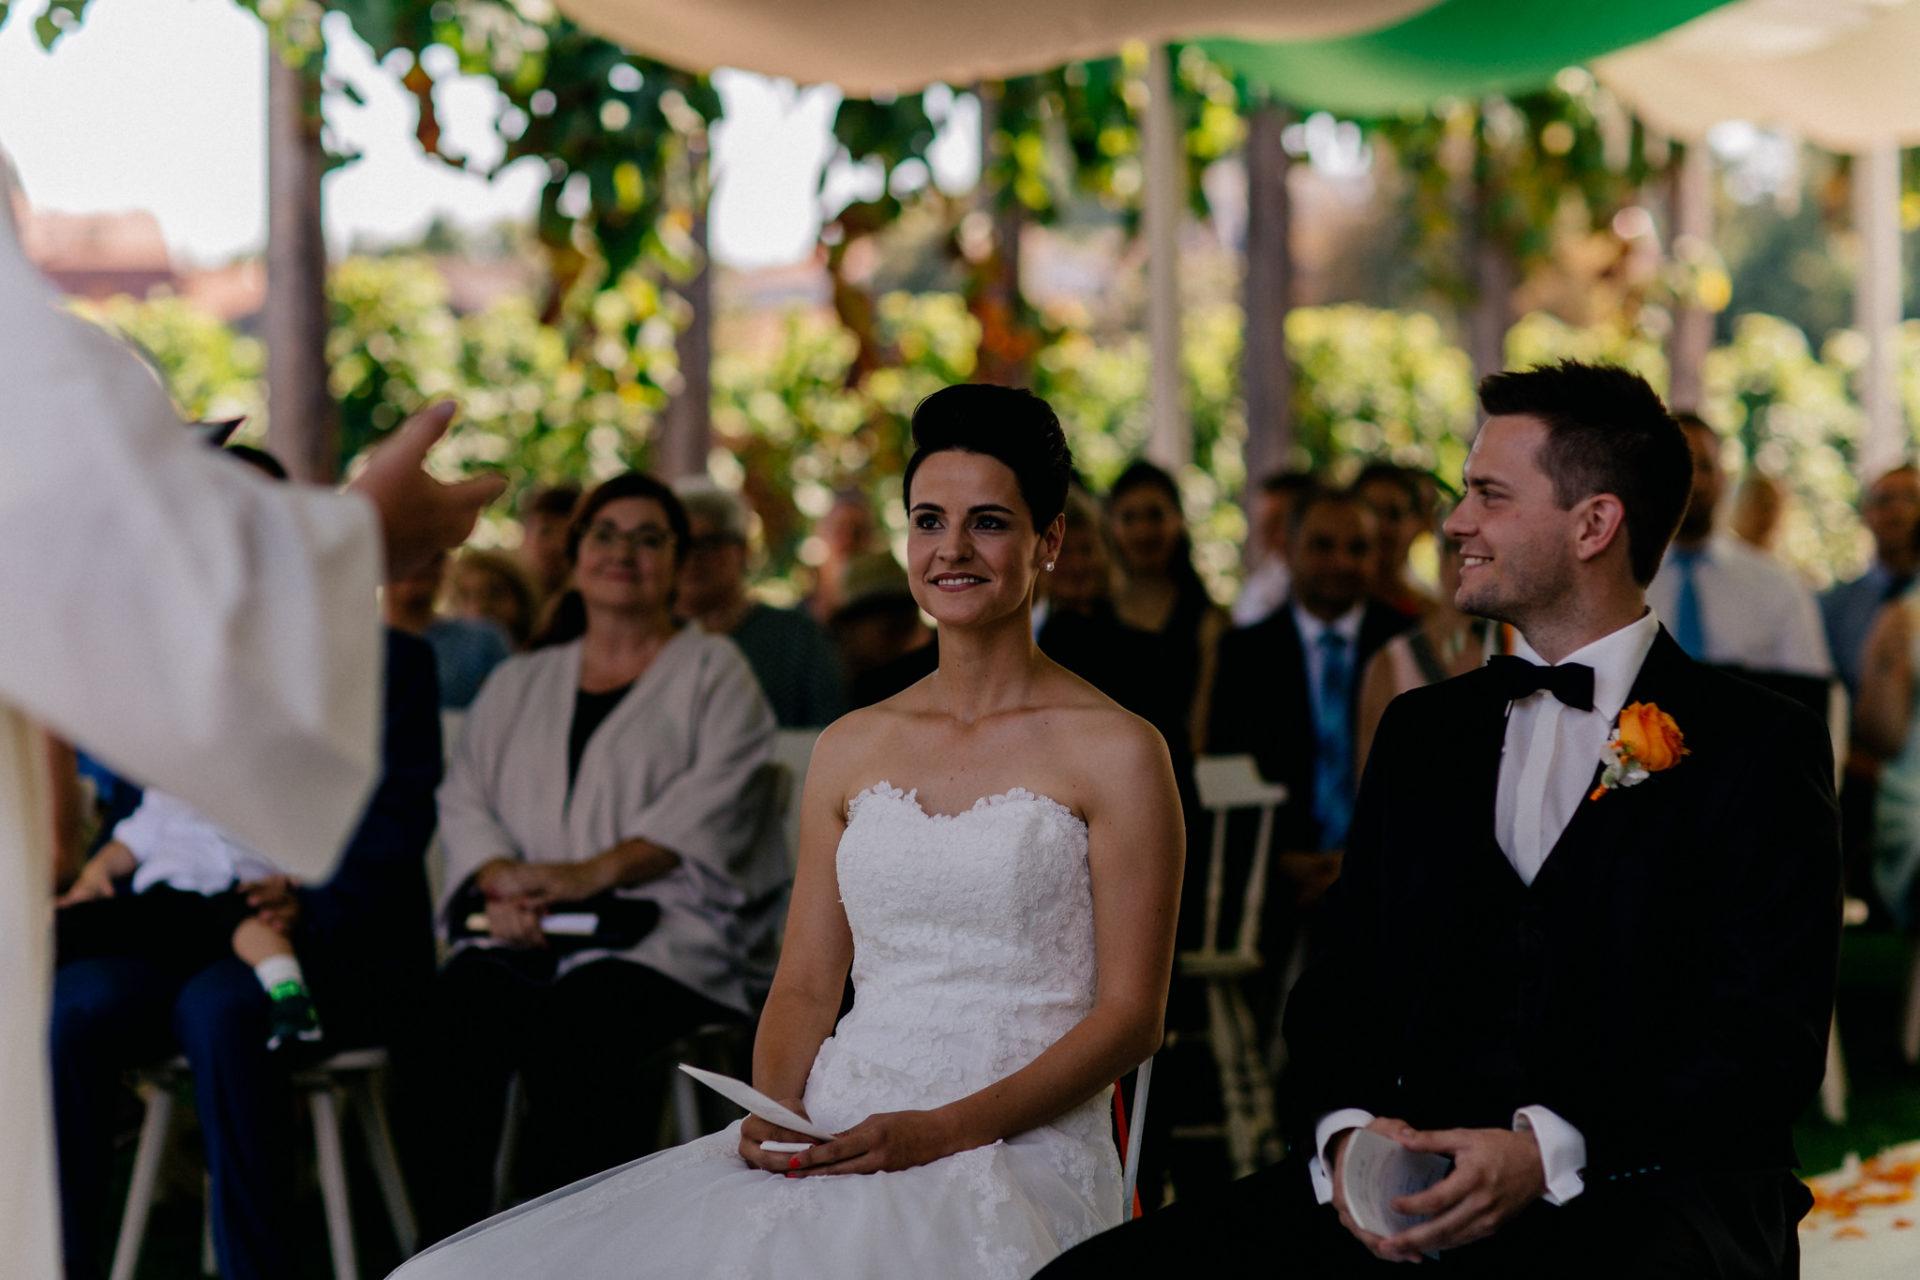 Weingut Fitz Ritter Hochzeitsfotograf-heiraten Pfalz-Sommerhochzeit Freie Trauung Zelt